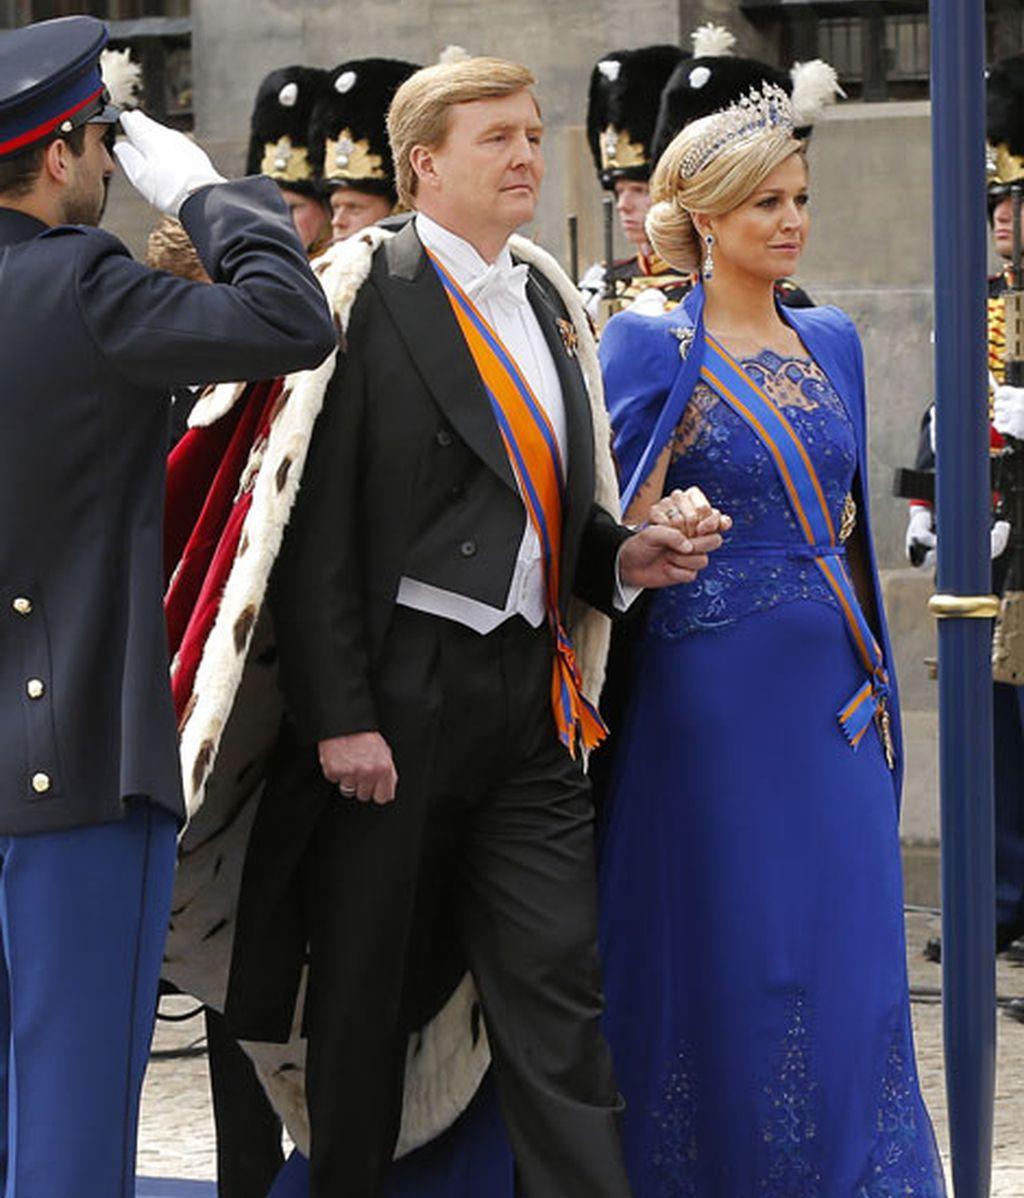 Repasamos los vestidos y uniformes de los reyes e invitados